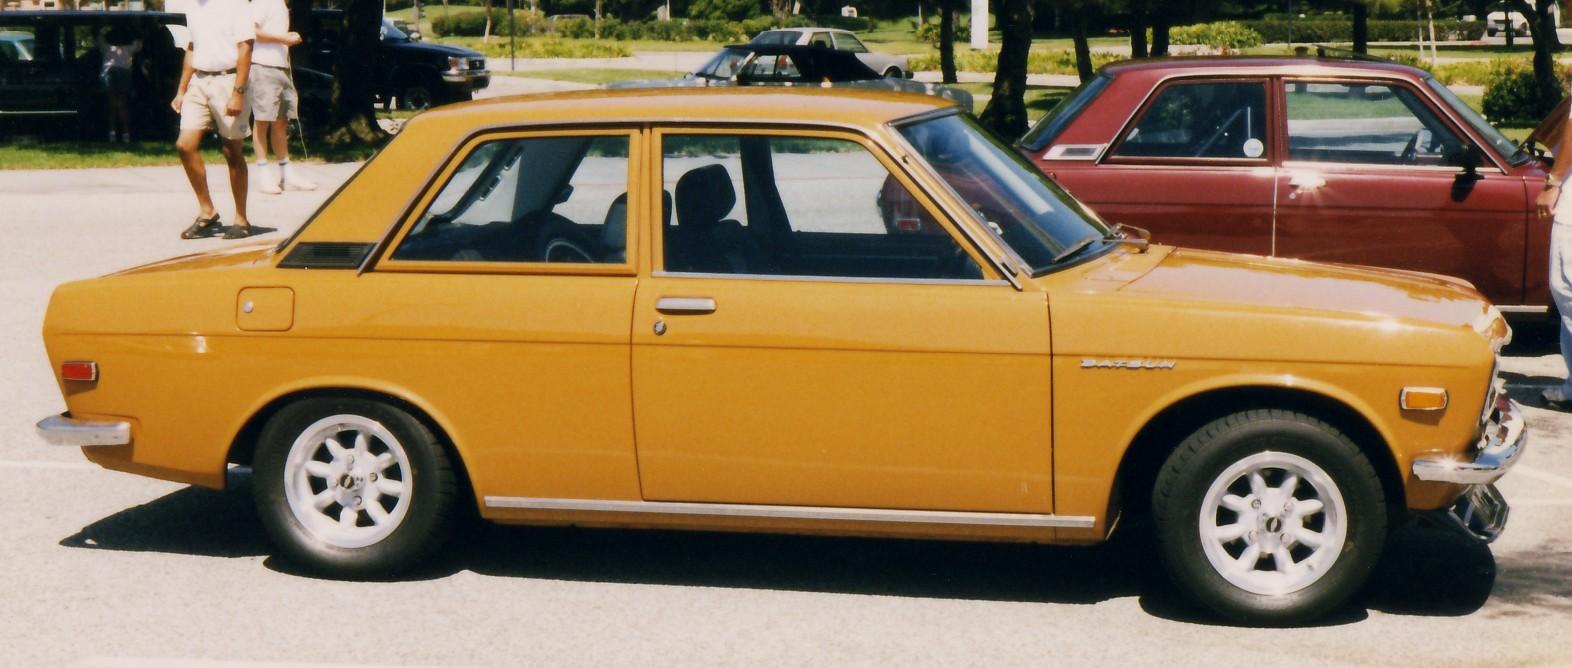 Lewis Hann's 510